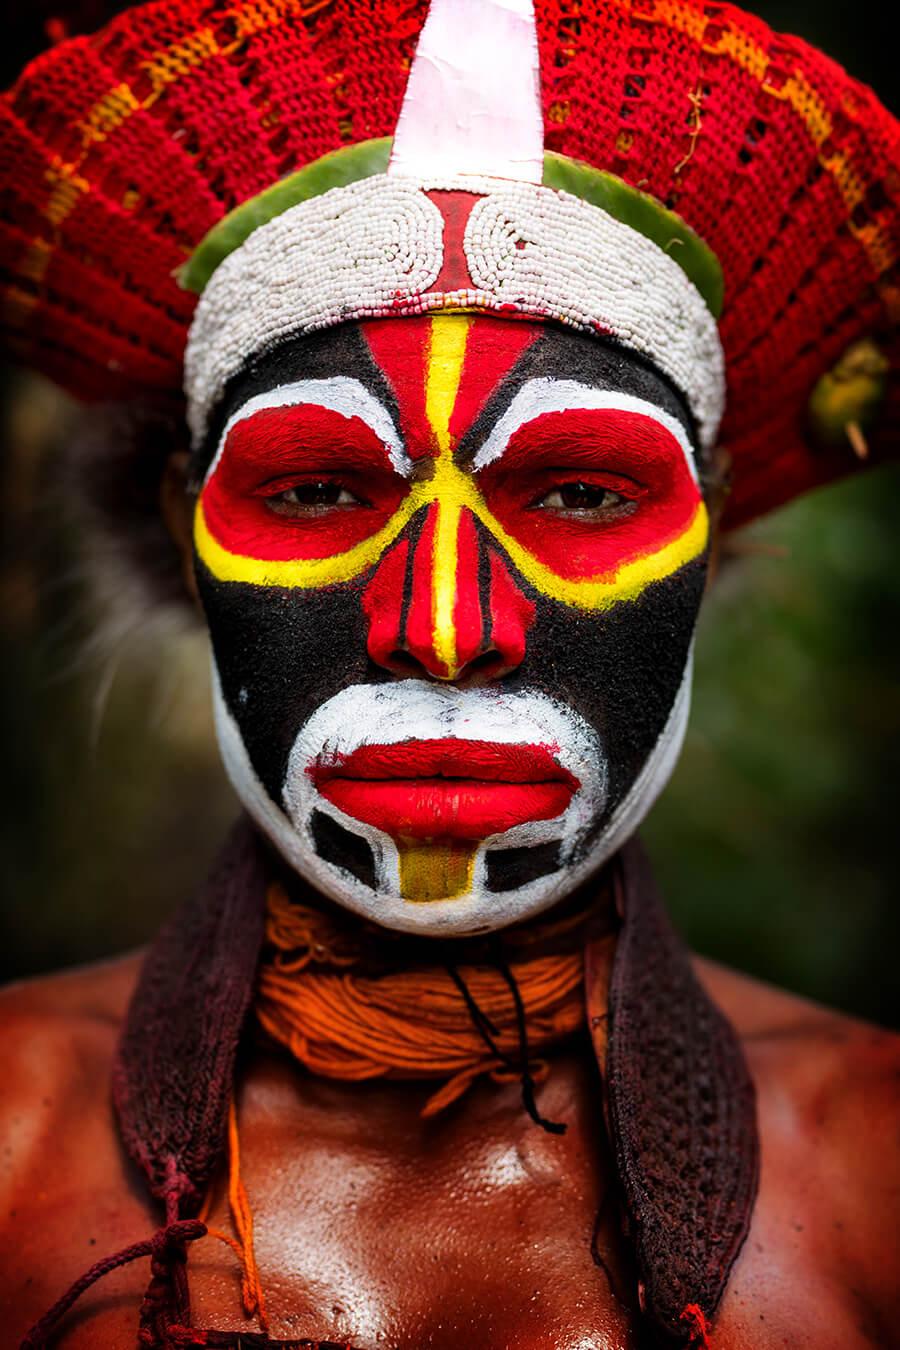 Девушка с Западных высокогорий Папуа-Новой Гвинеи © Александр Химушин / The World In Faces